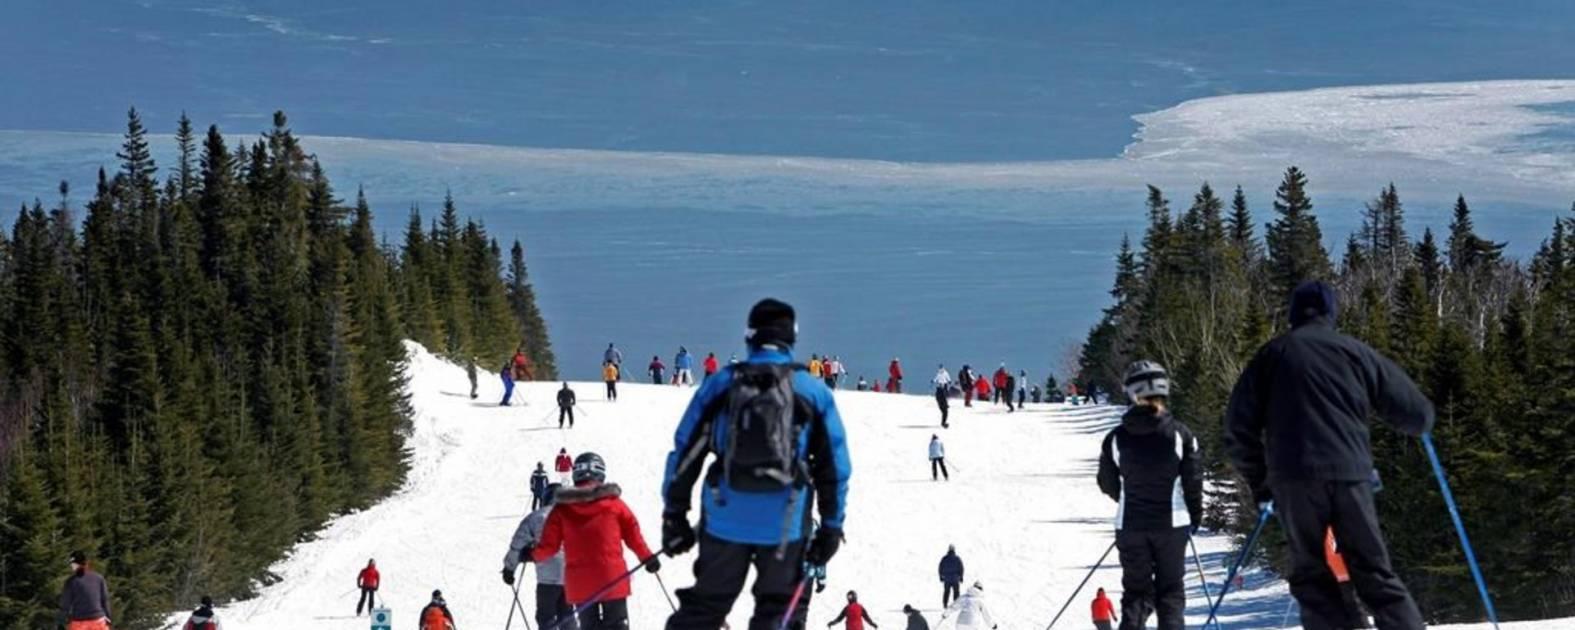 Un tempsdes Fêtes fort occupé pour les stations de ski du Québec